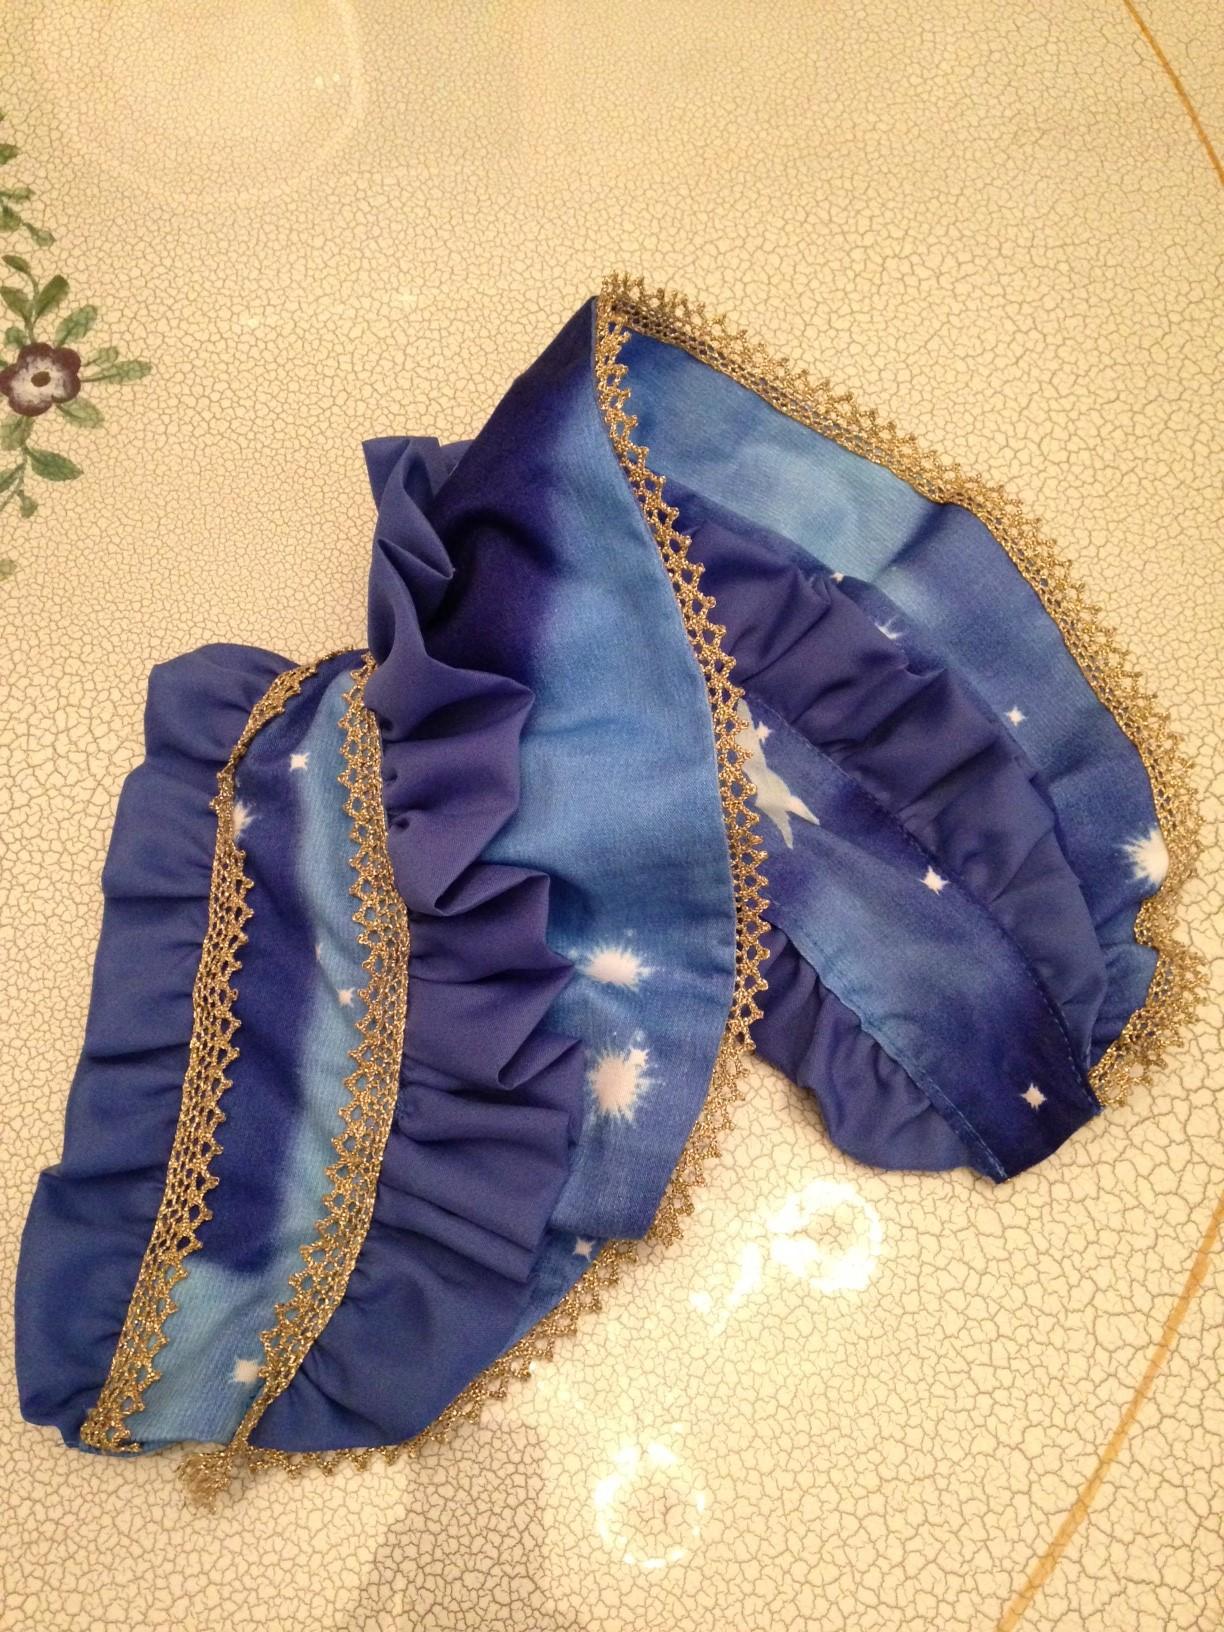 手作り ロリータ ゴスロリ生地で 姫袖ドレス ハーフボンネットを作るぞ!!大阪 コスプレ体験 場所